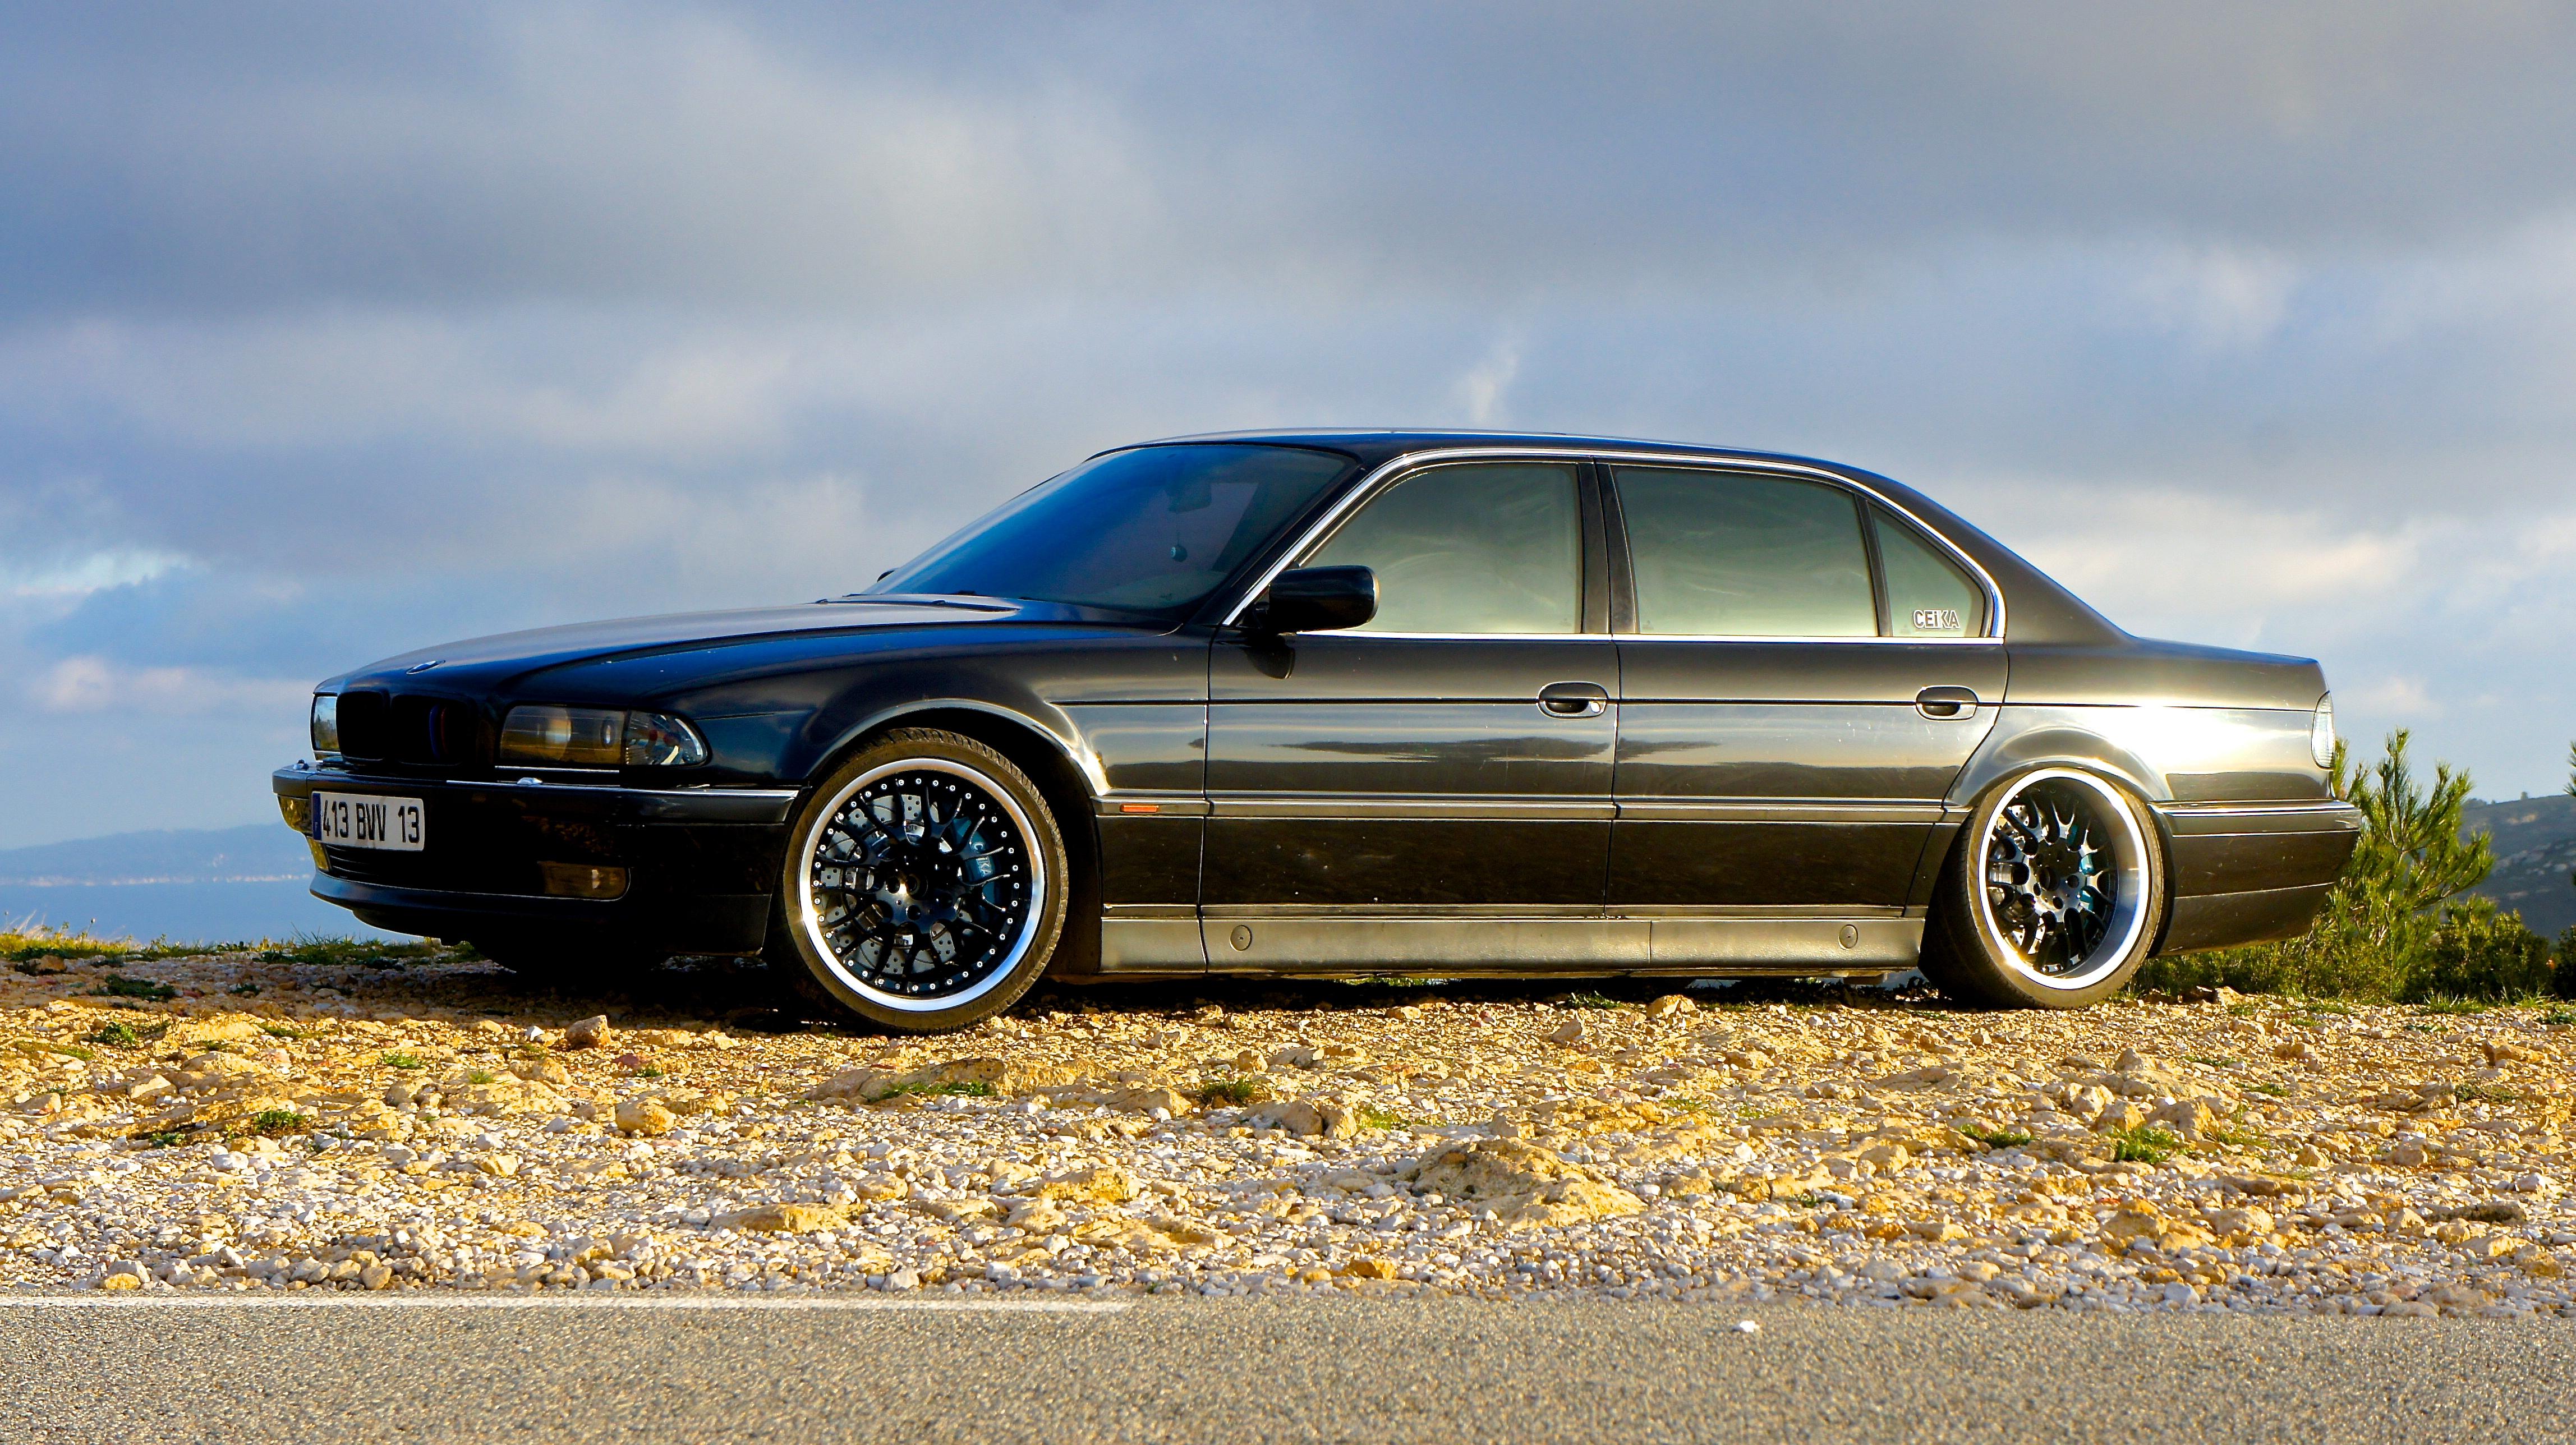 1997 Bmw E38 750il V12